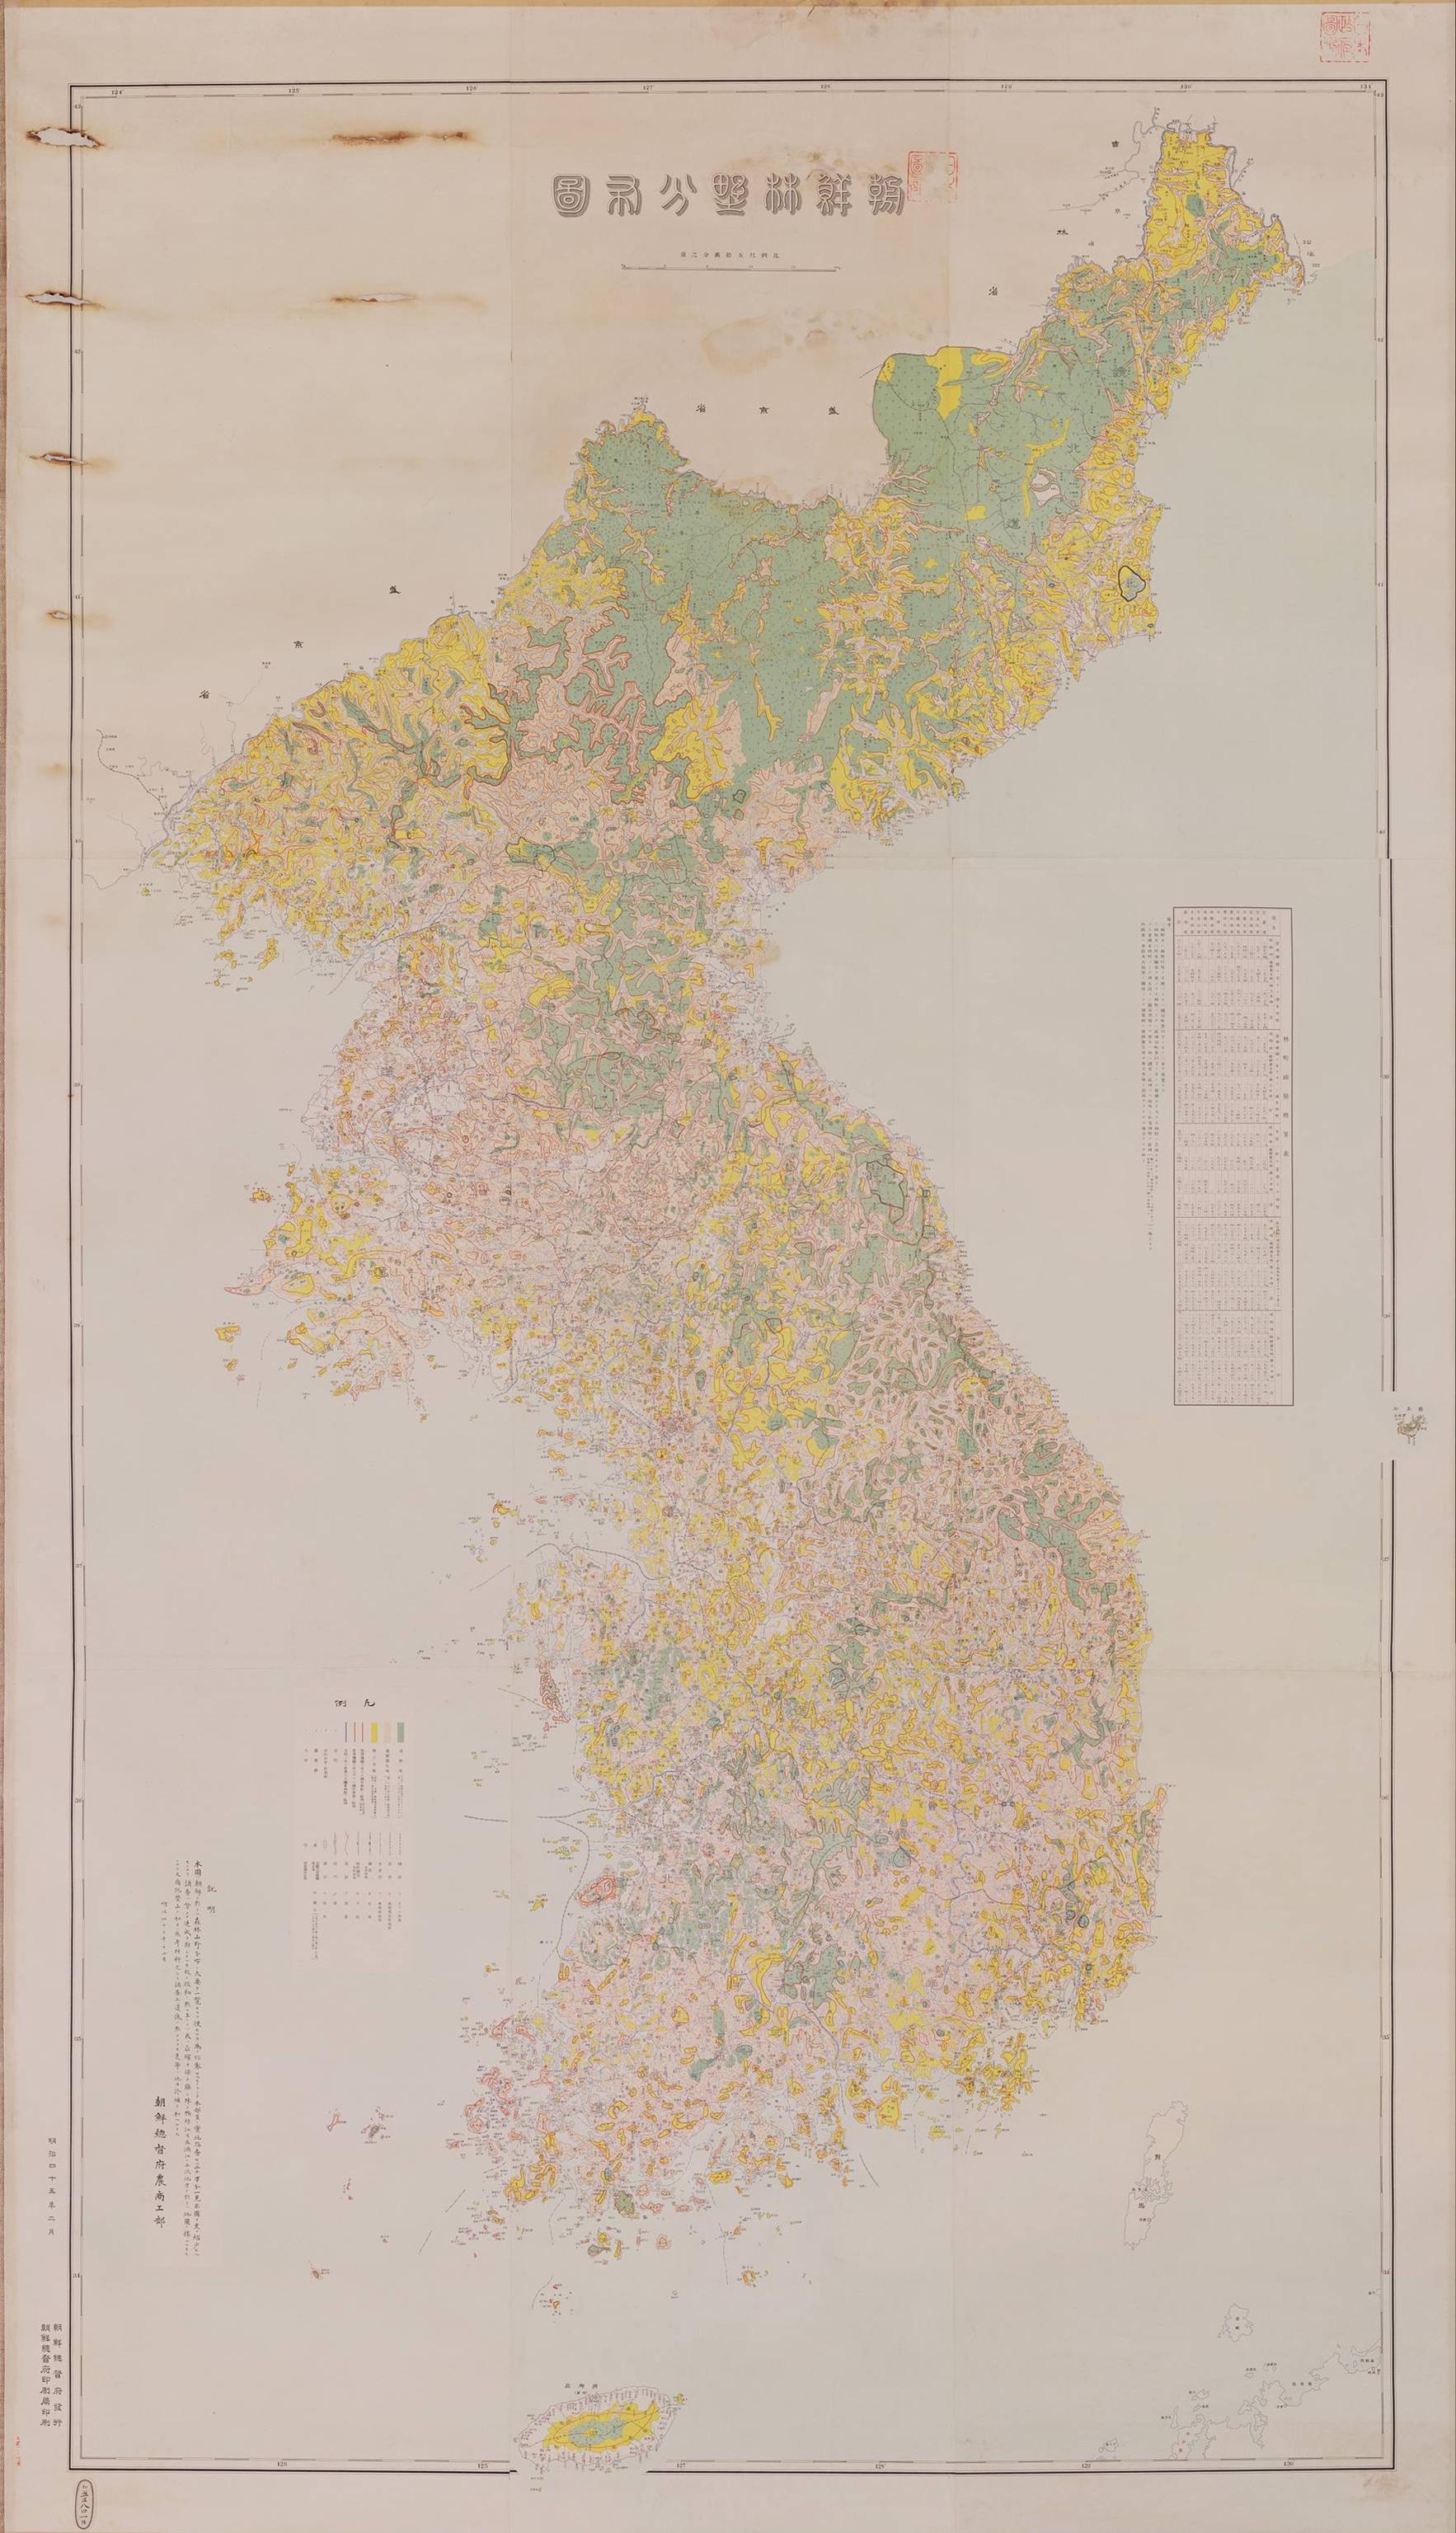 1910年頃の朝鮮半島